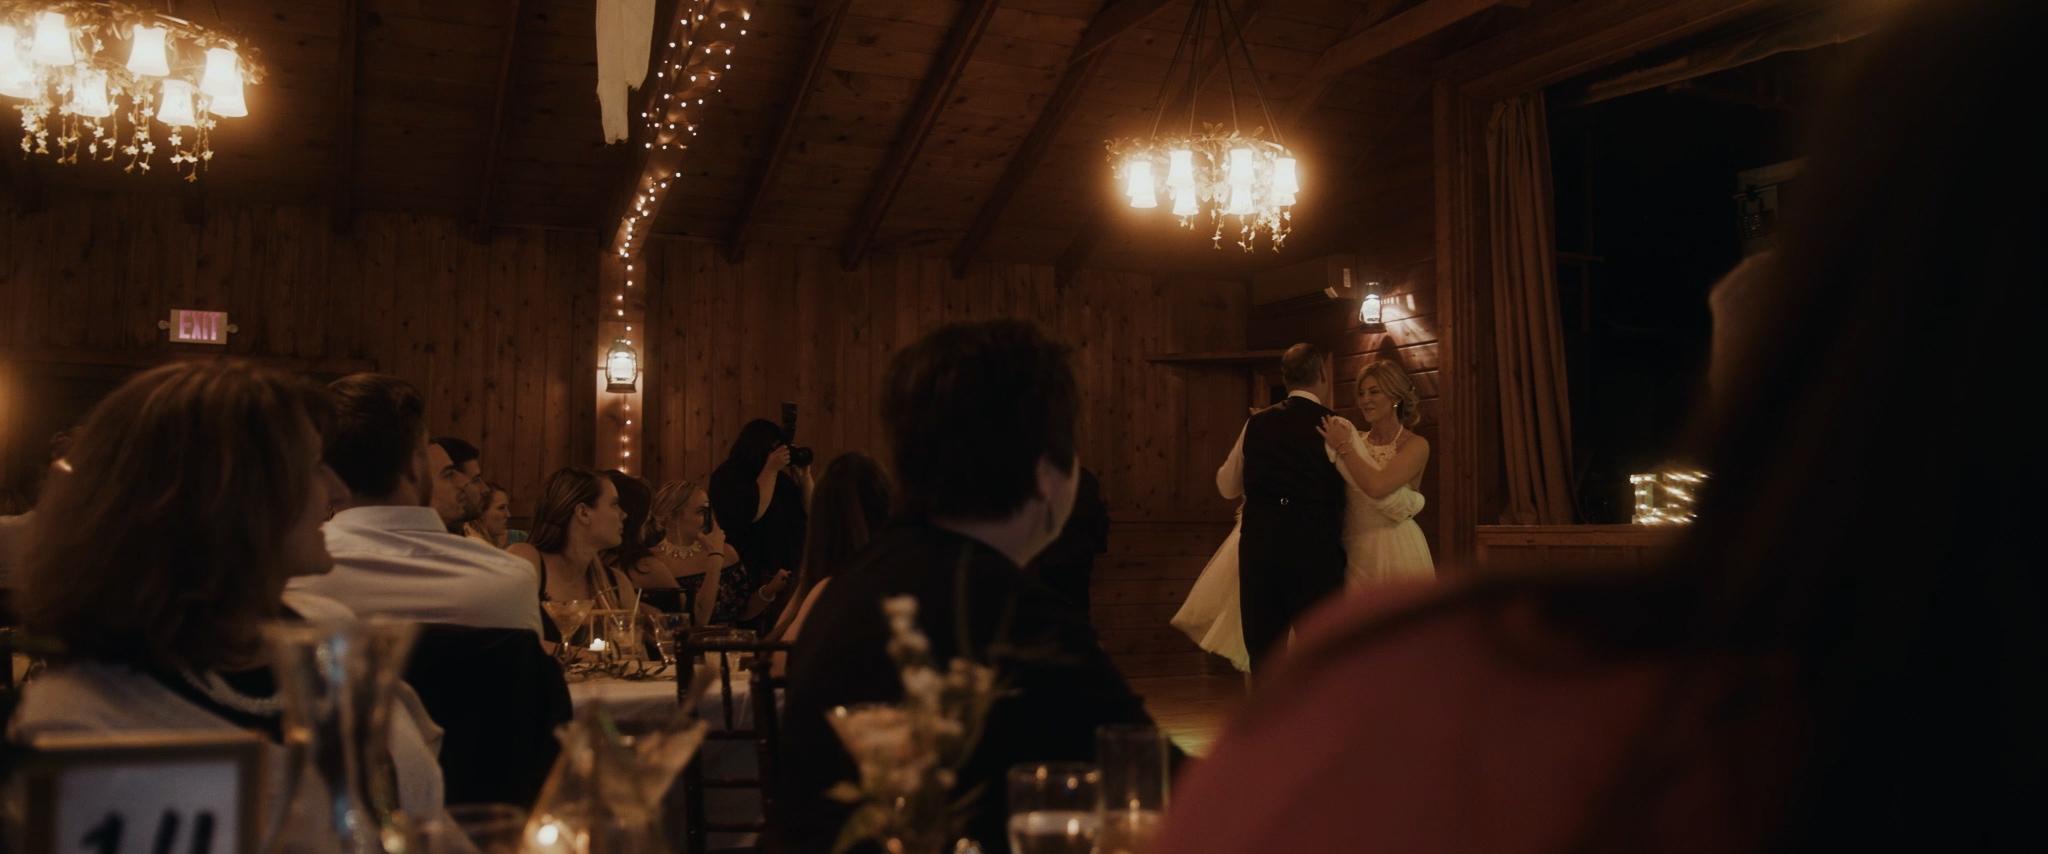 HAVENS_Wedding_Film.00_06_39_11.Still075.jpg